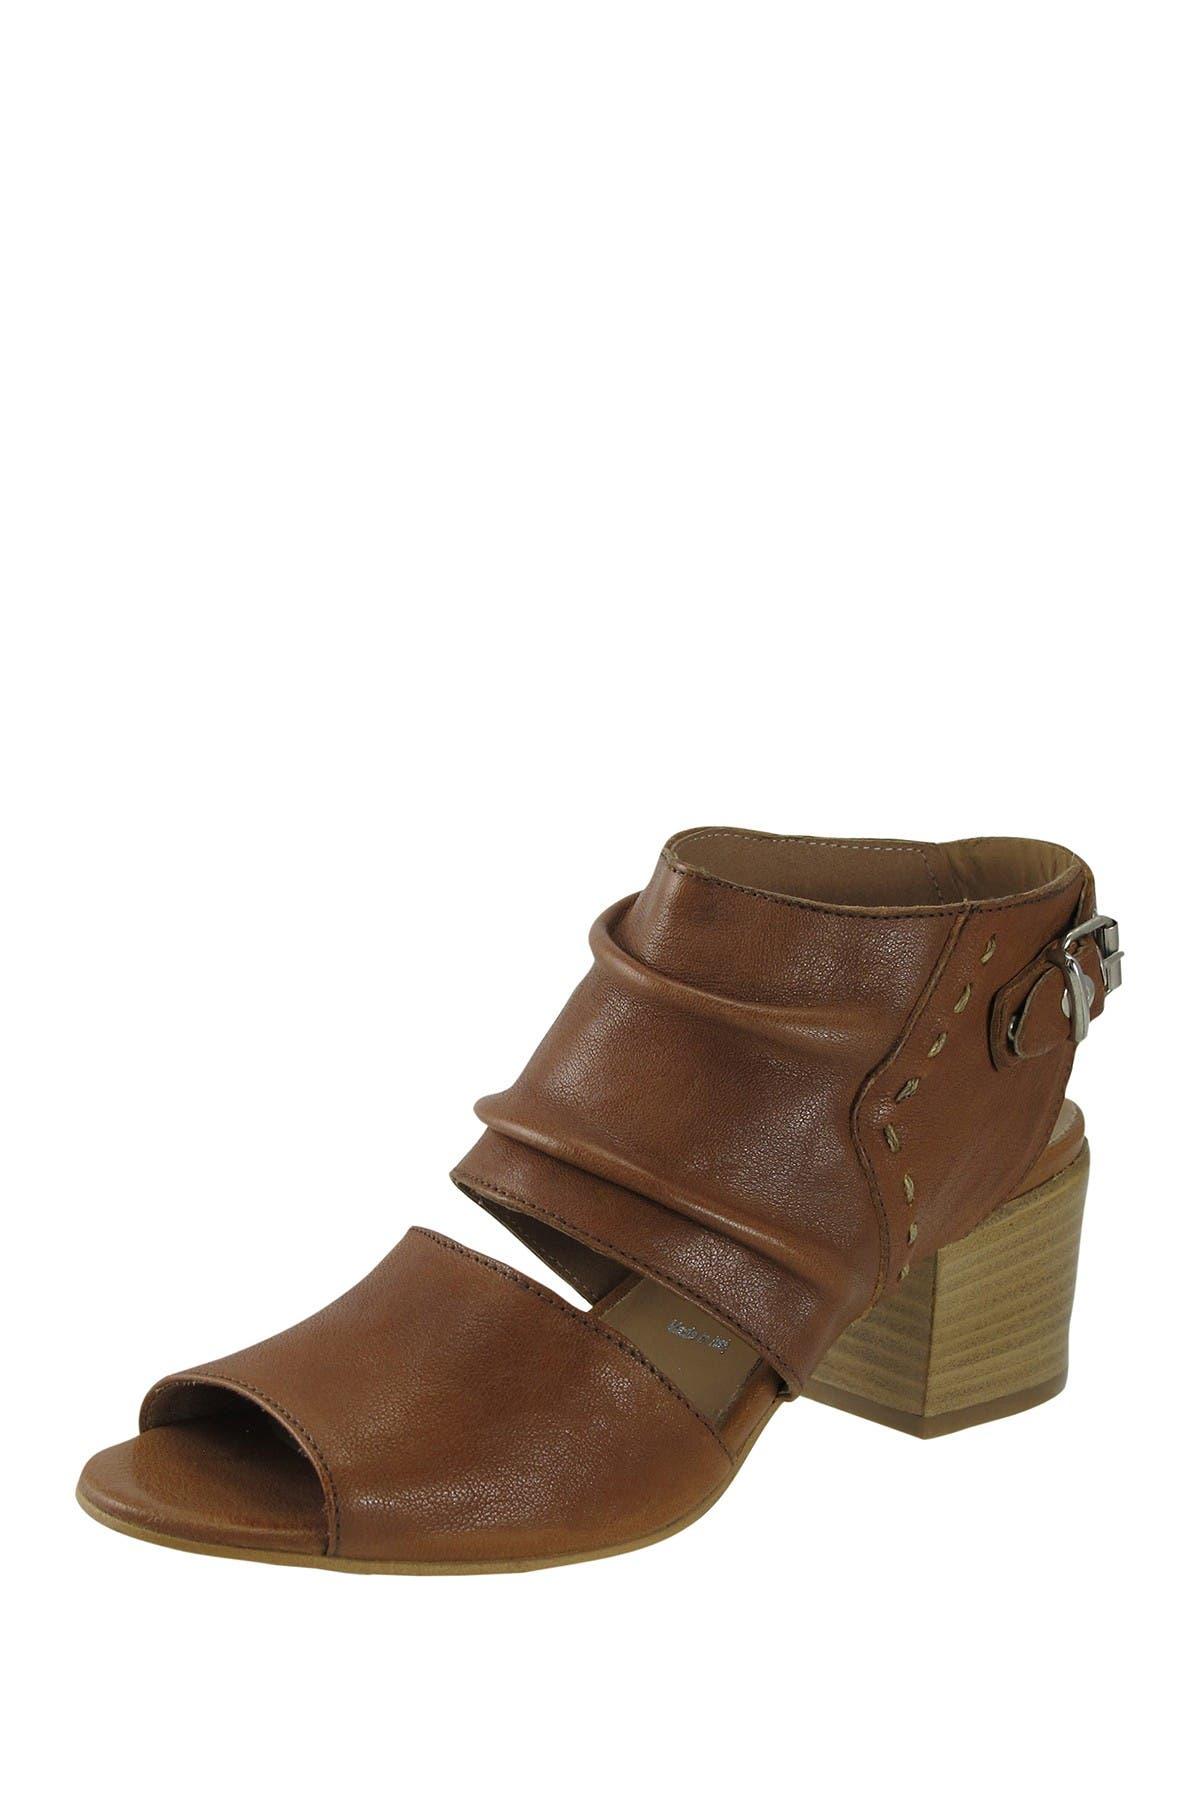 Image of RON WHITE Donatella Leather Slingback Sandal